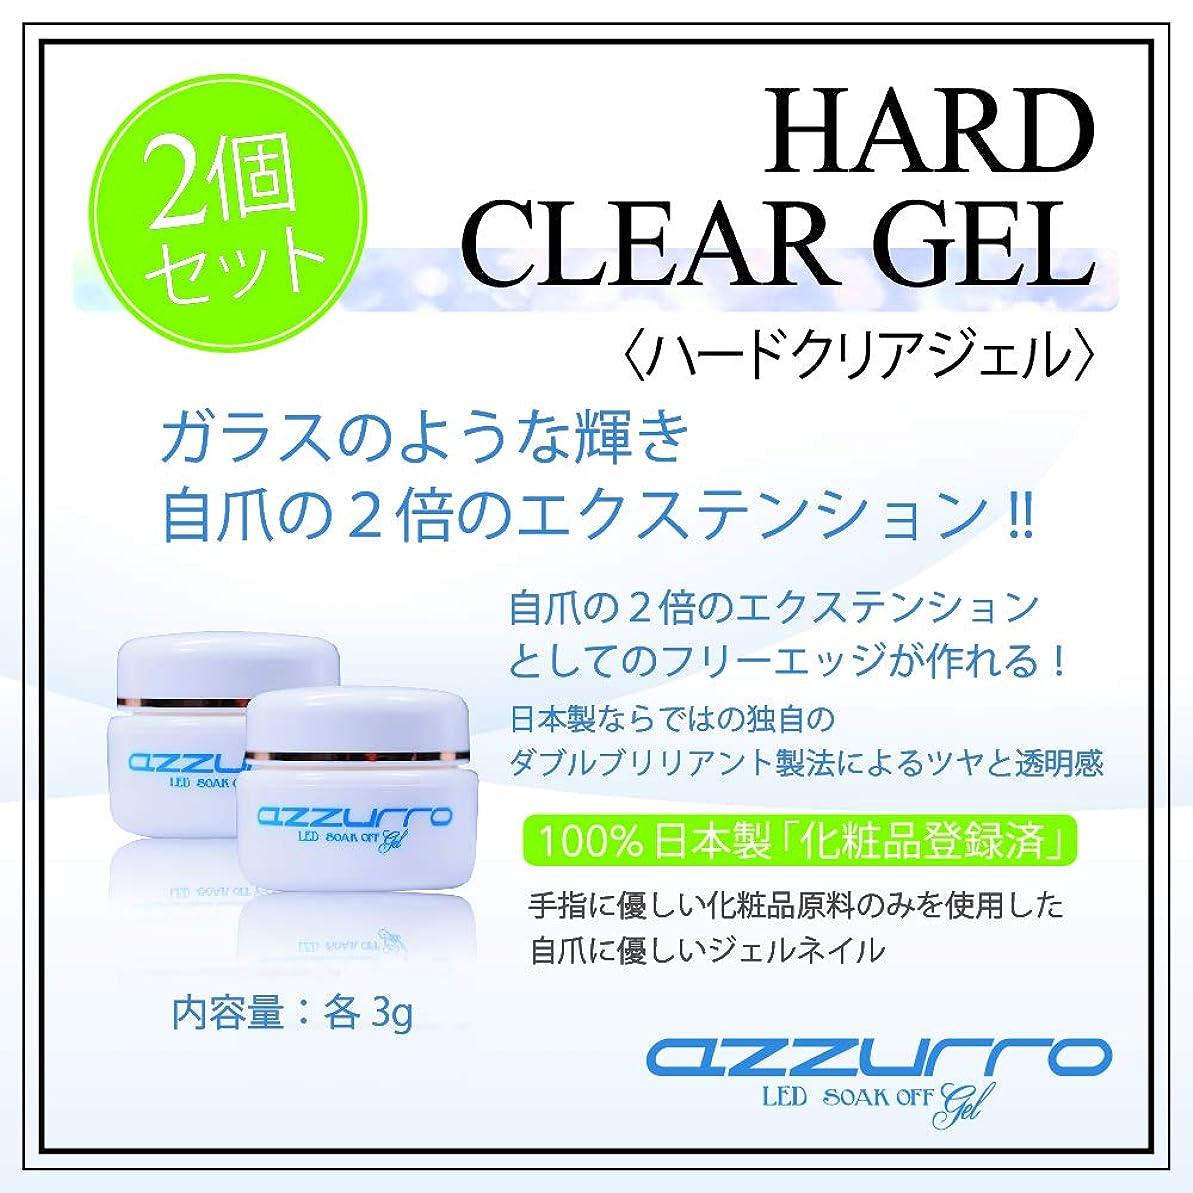 提供暴露ゴミ箱azzurro gel アッズーロハードクリアージェル 3g お得な2個セット キラキラ感持続 抜群のツヤ